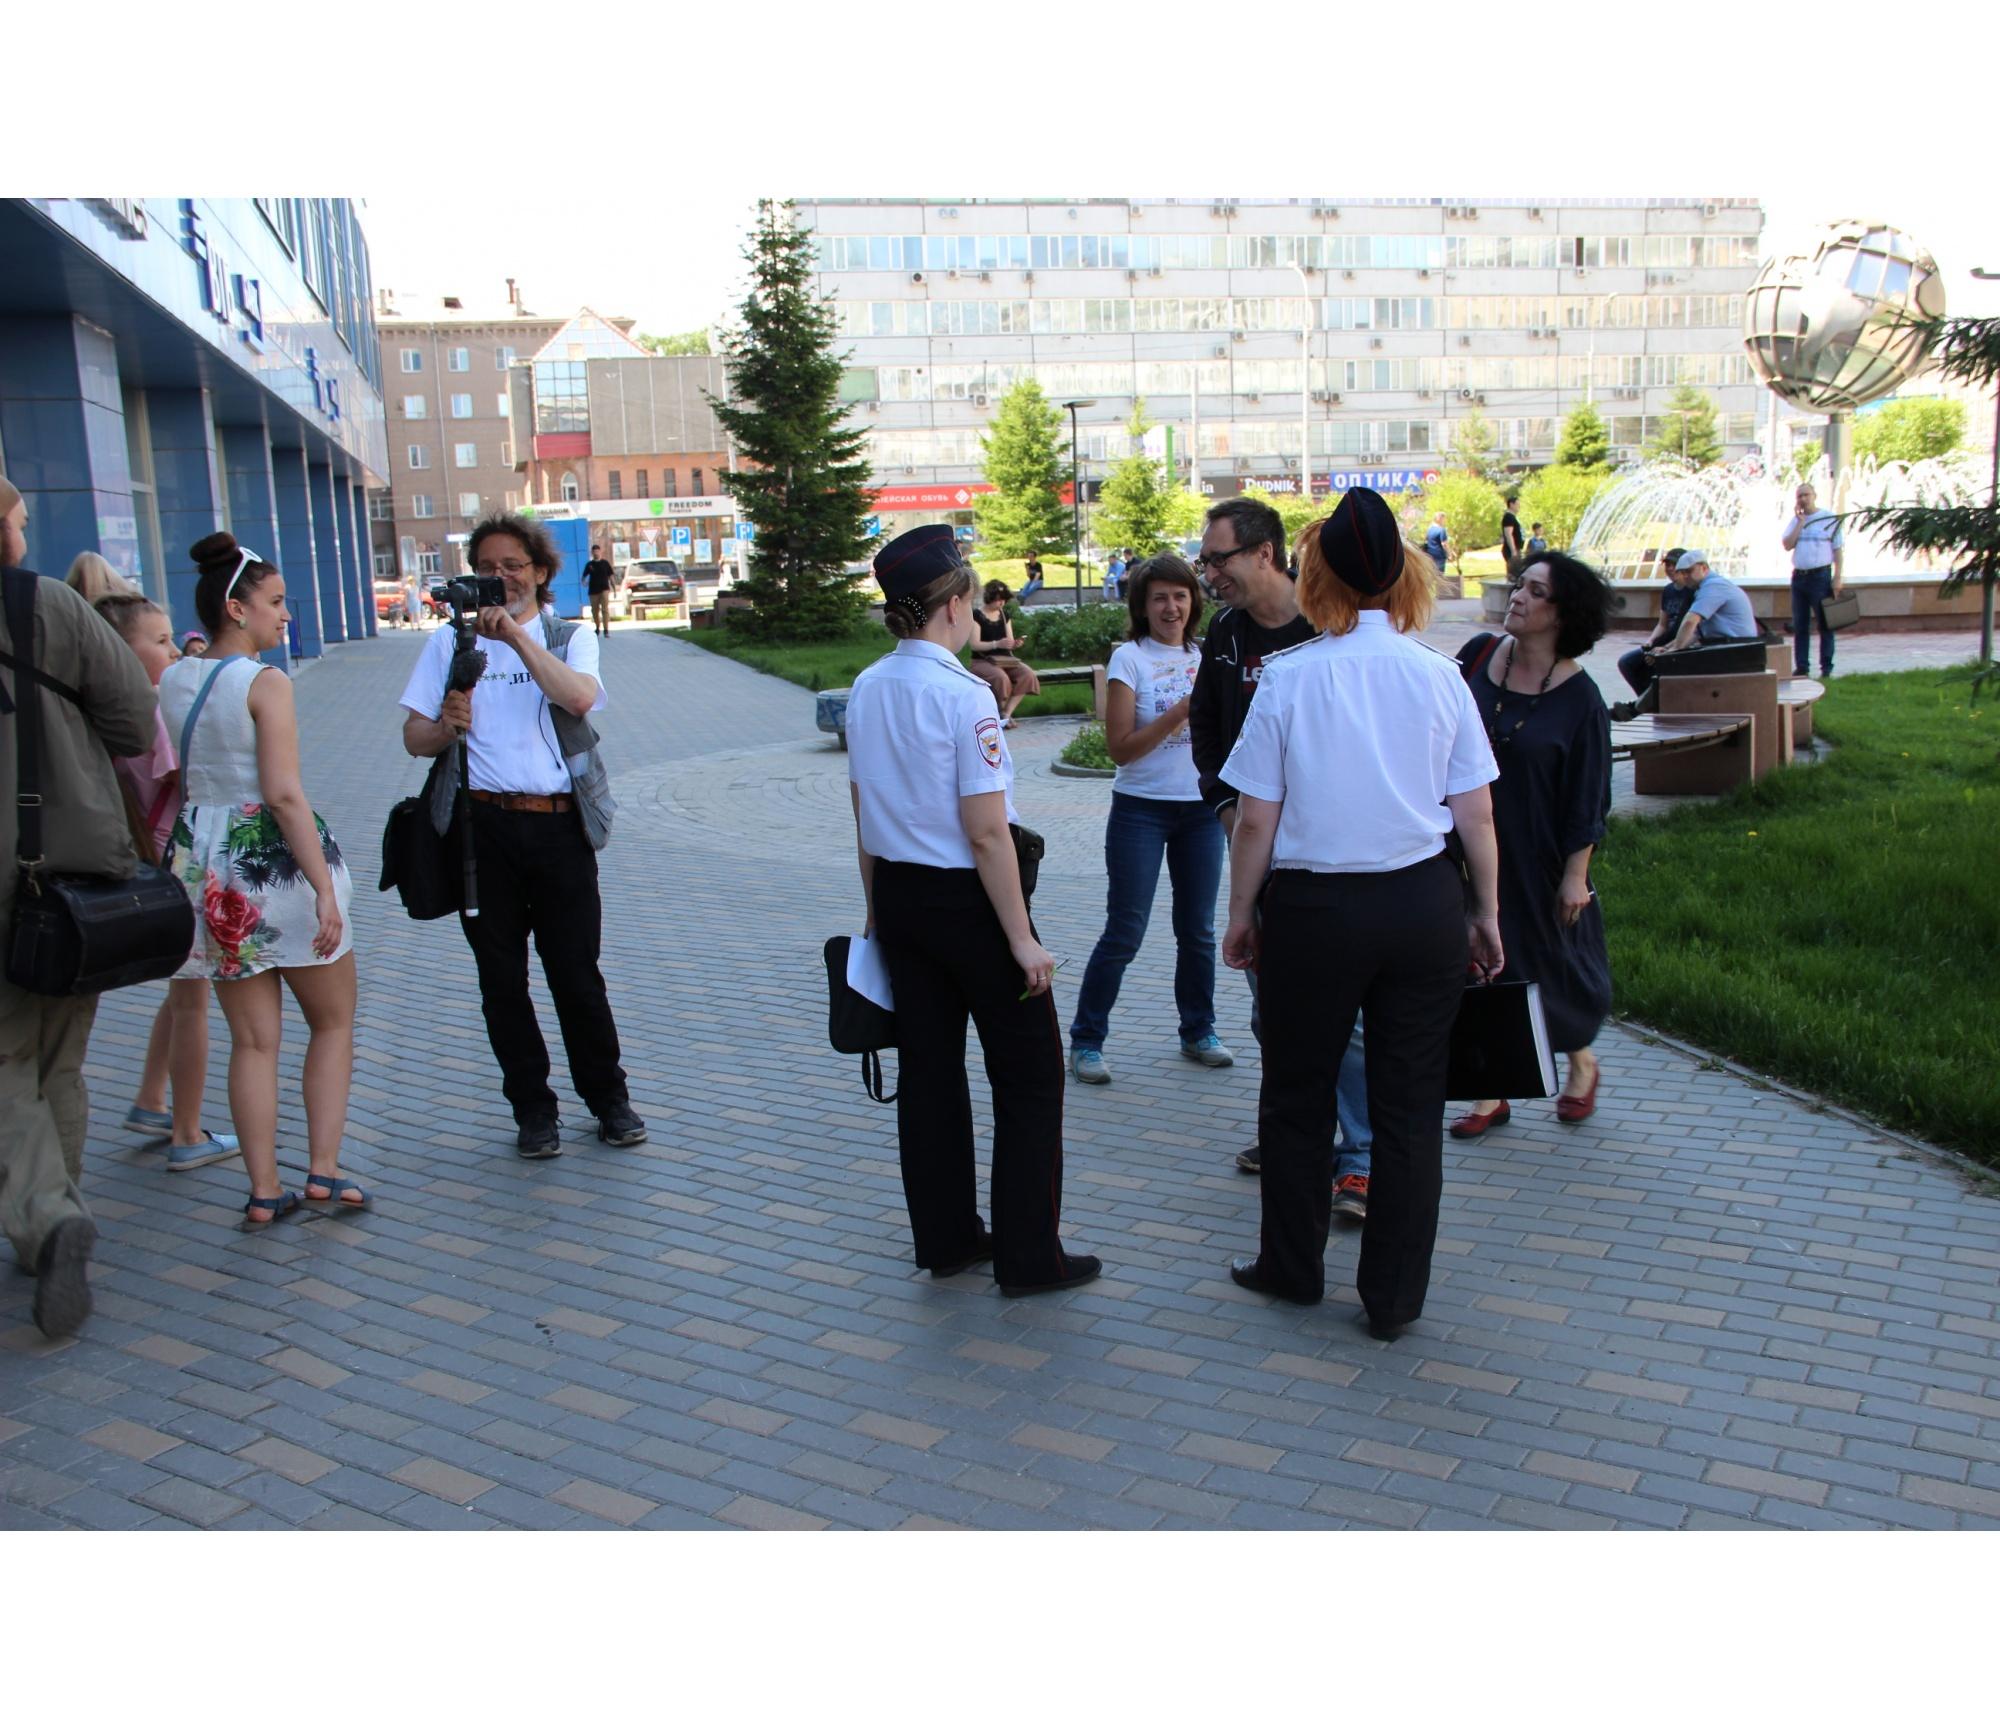 В конце прогулки полицейские захотели проверить документы у некоторых её участников